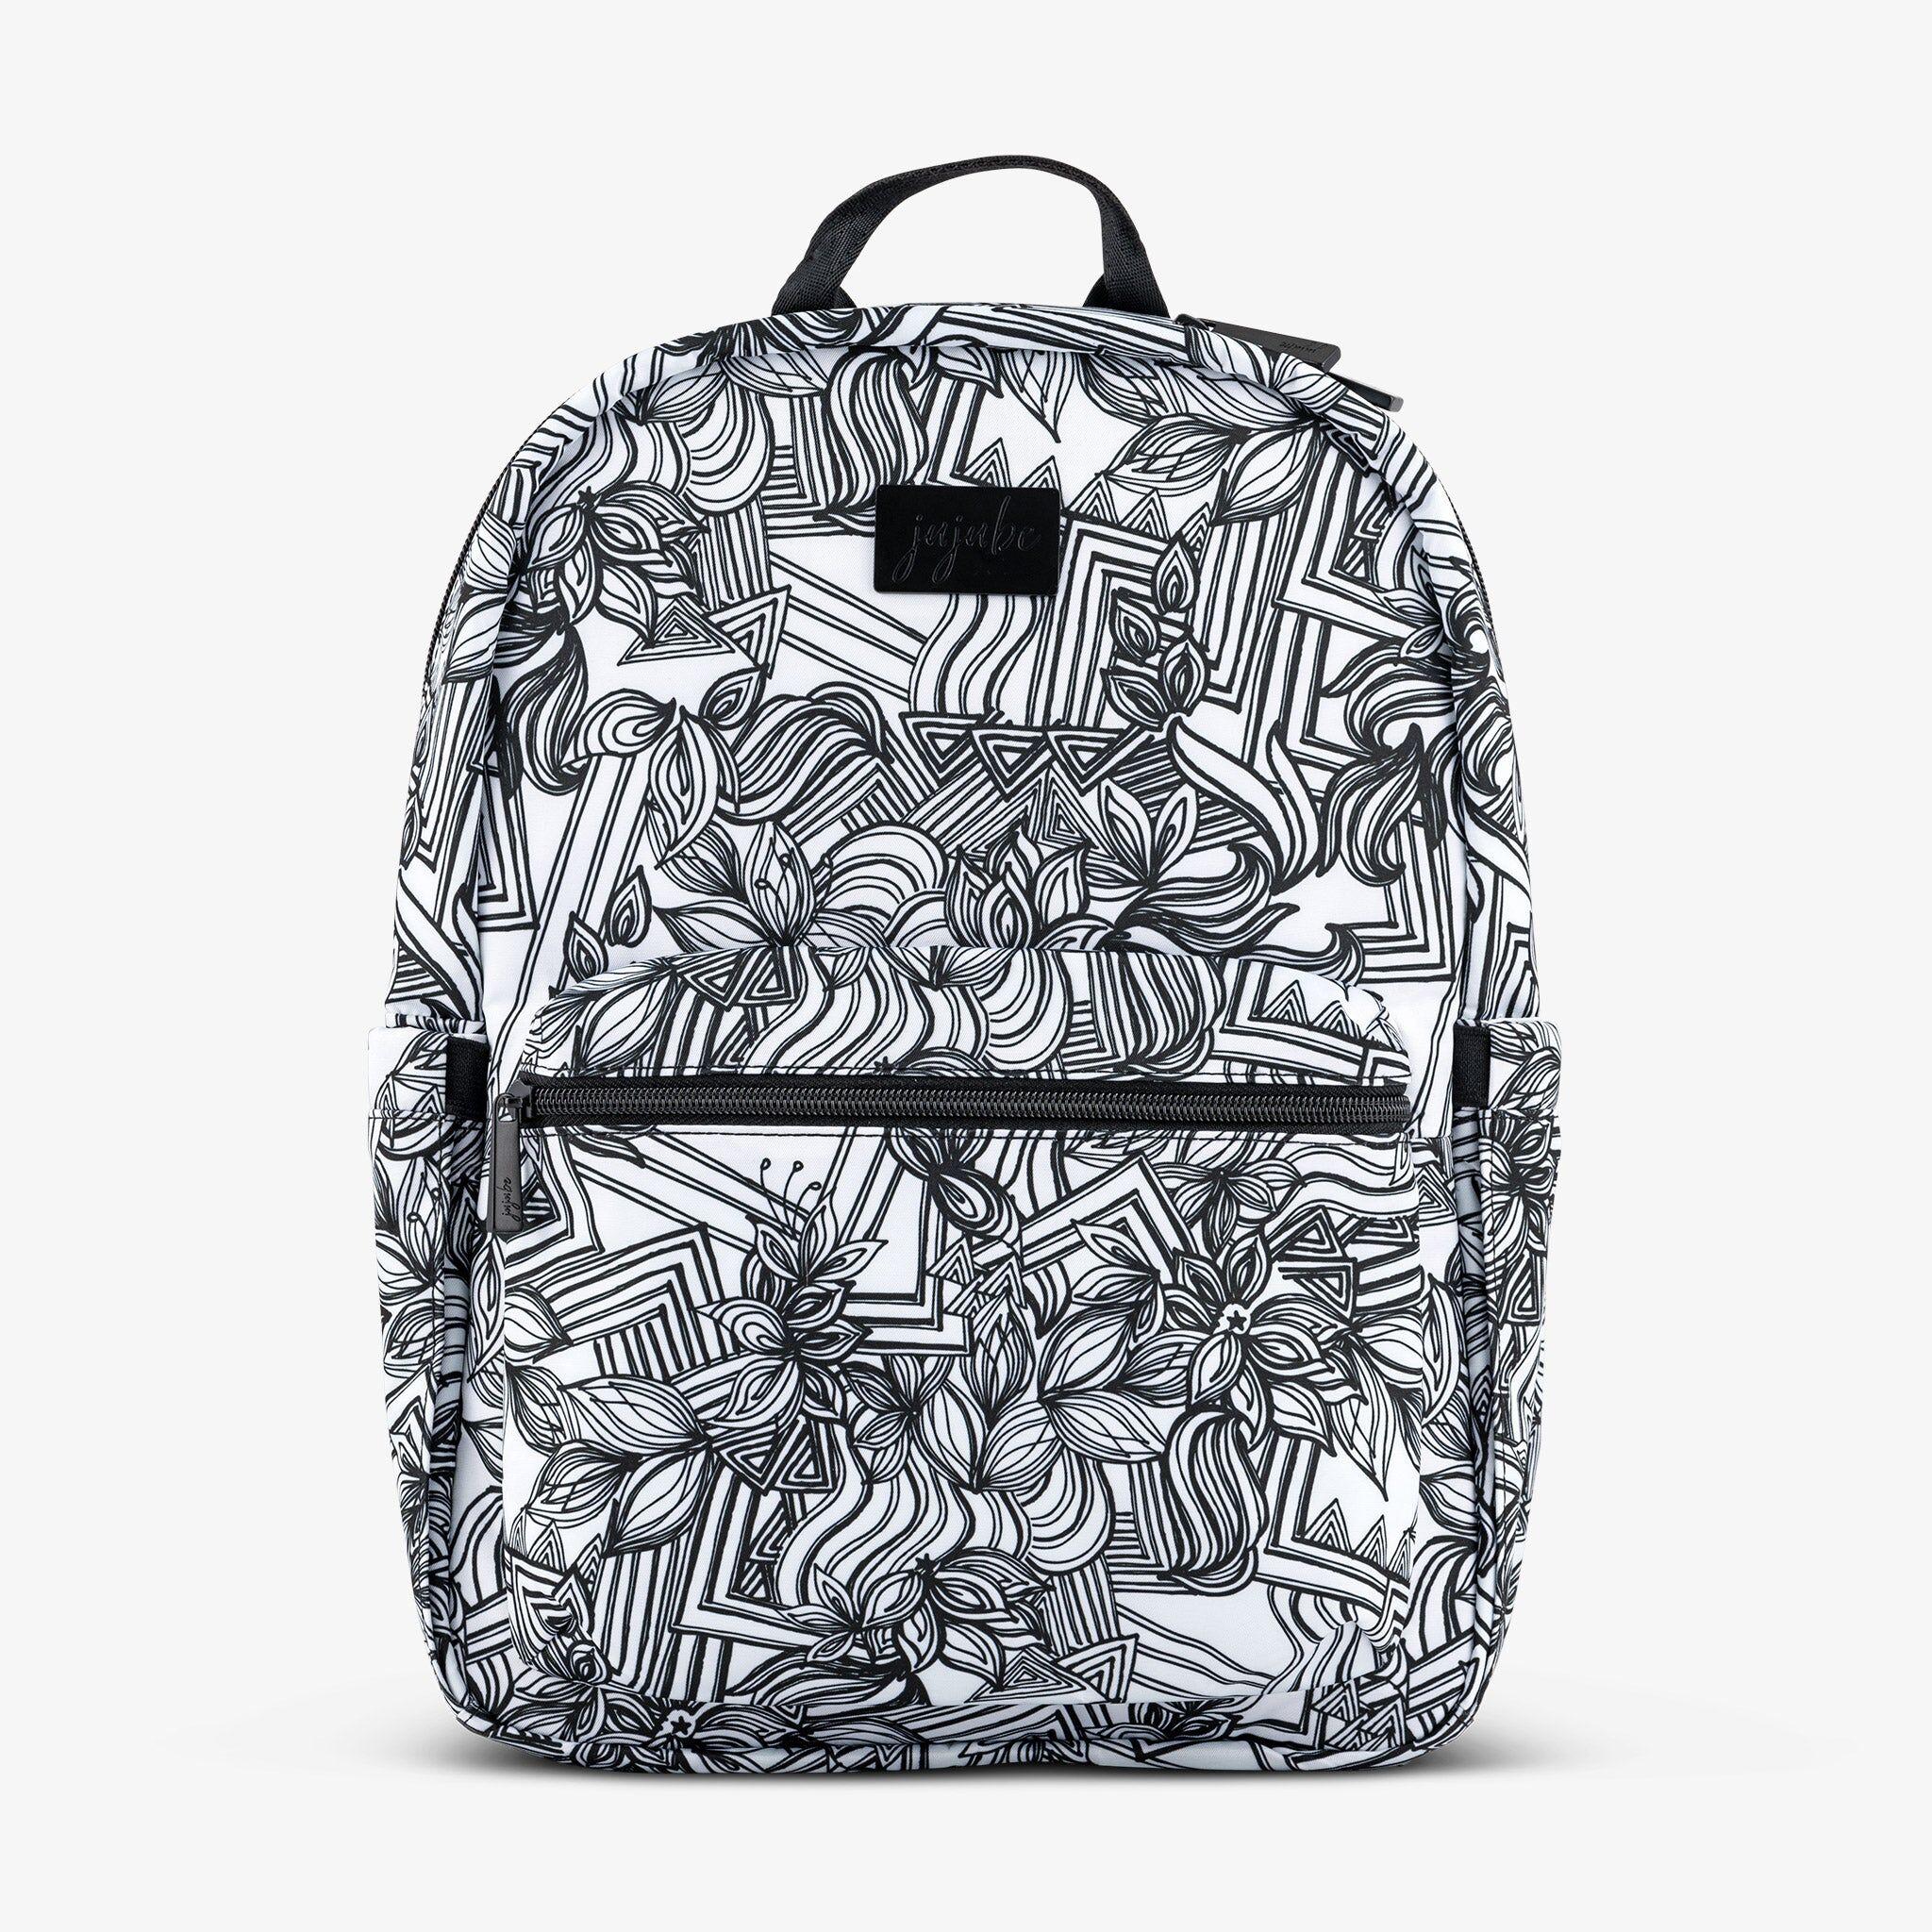 JuJuBe Midi Backpack - Sketch